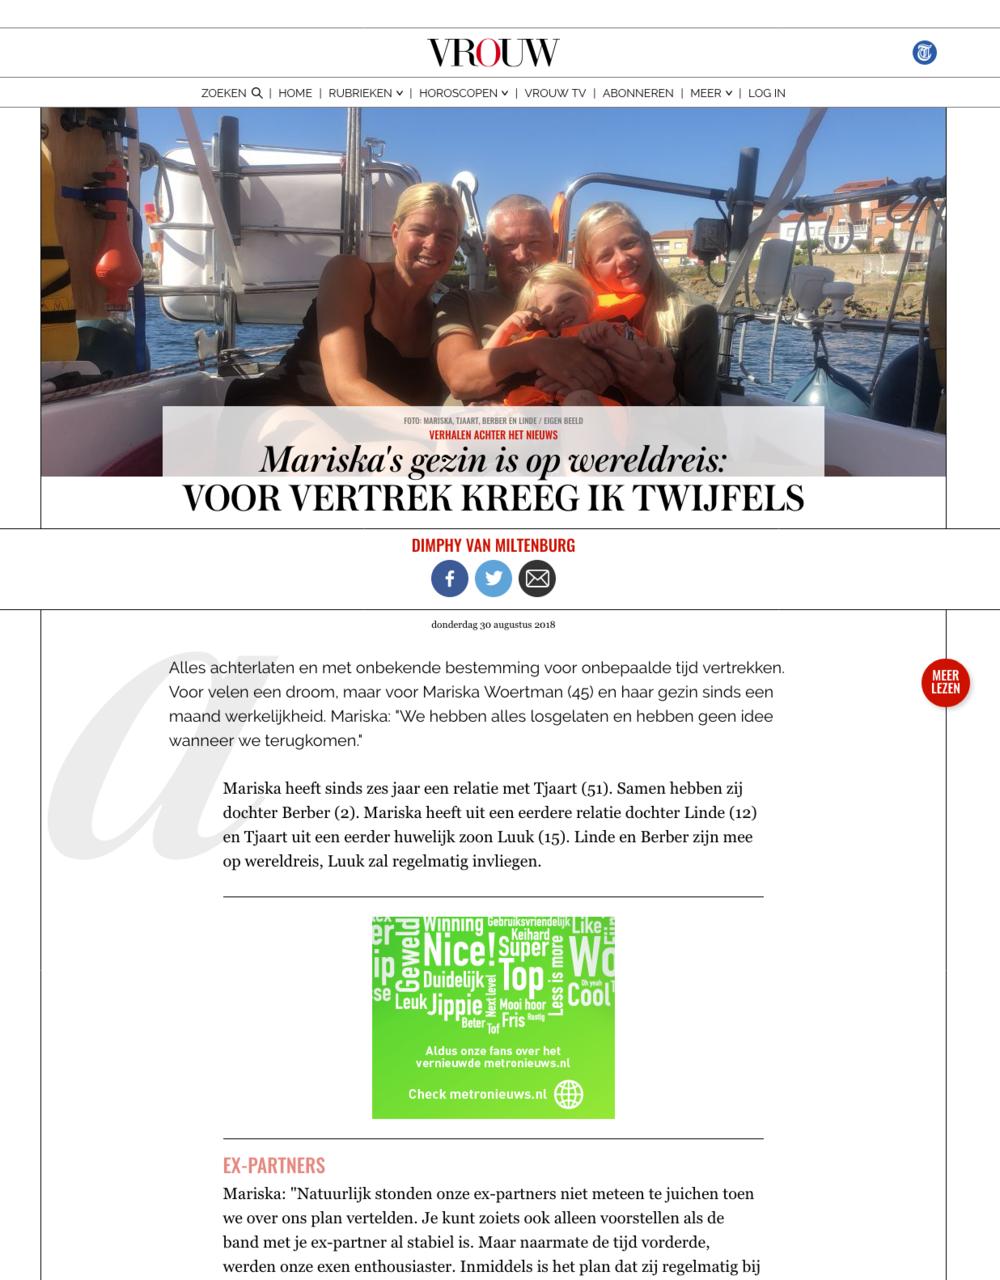 Op 30 augustus 2018 stonden we in de Telegraaf met een interview. Klik op de foto om het hele artikel te lezen.